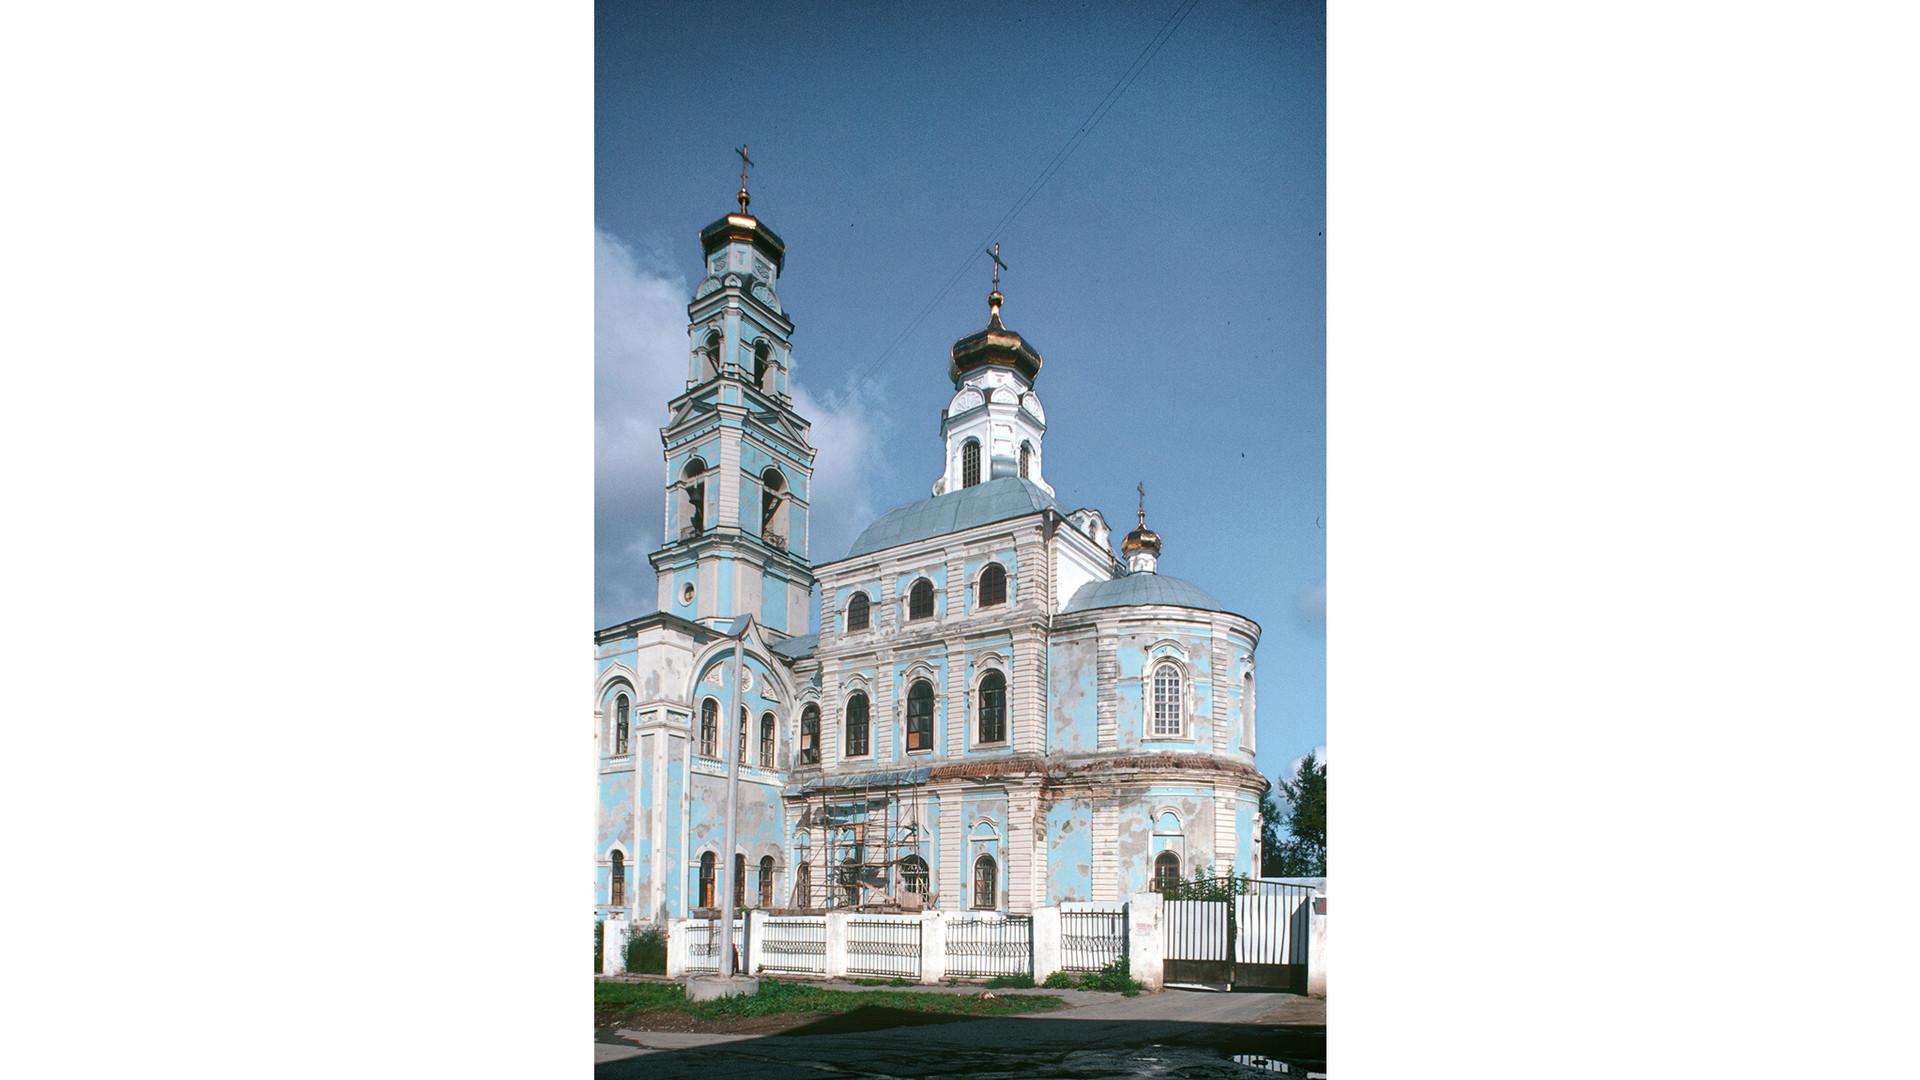 Chiesa dell'Ascensione e campanile. Vista sud-est. 26 agosto 1999